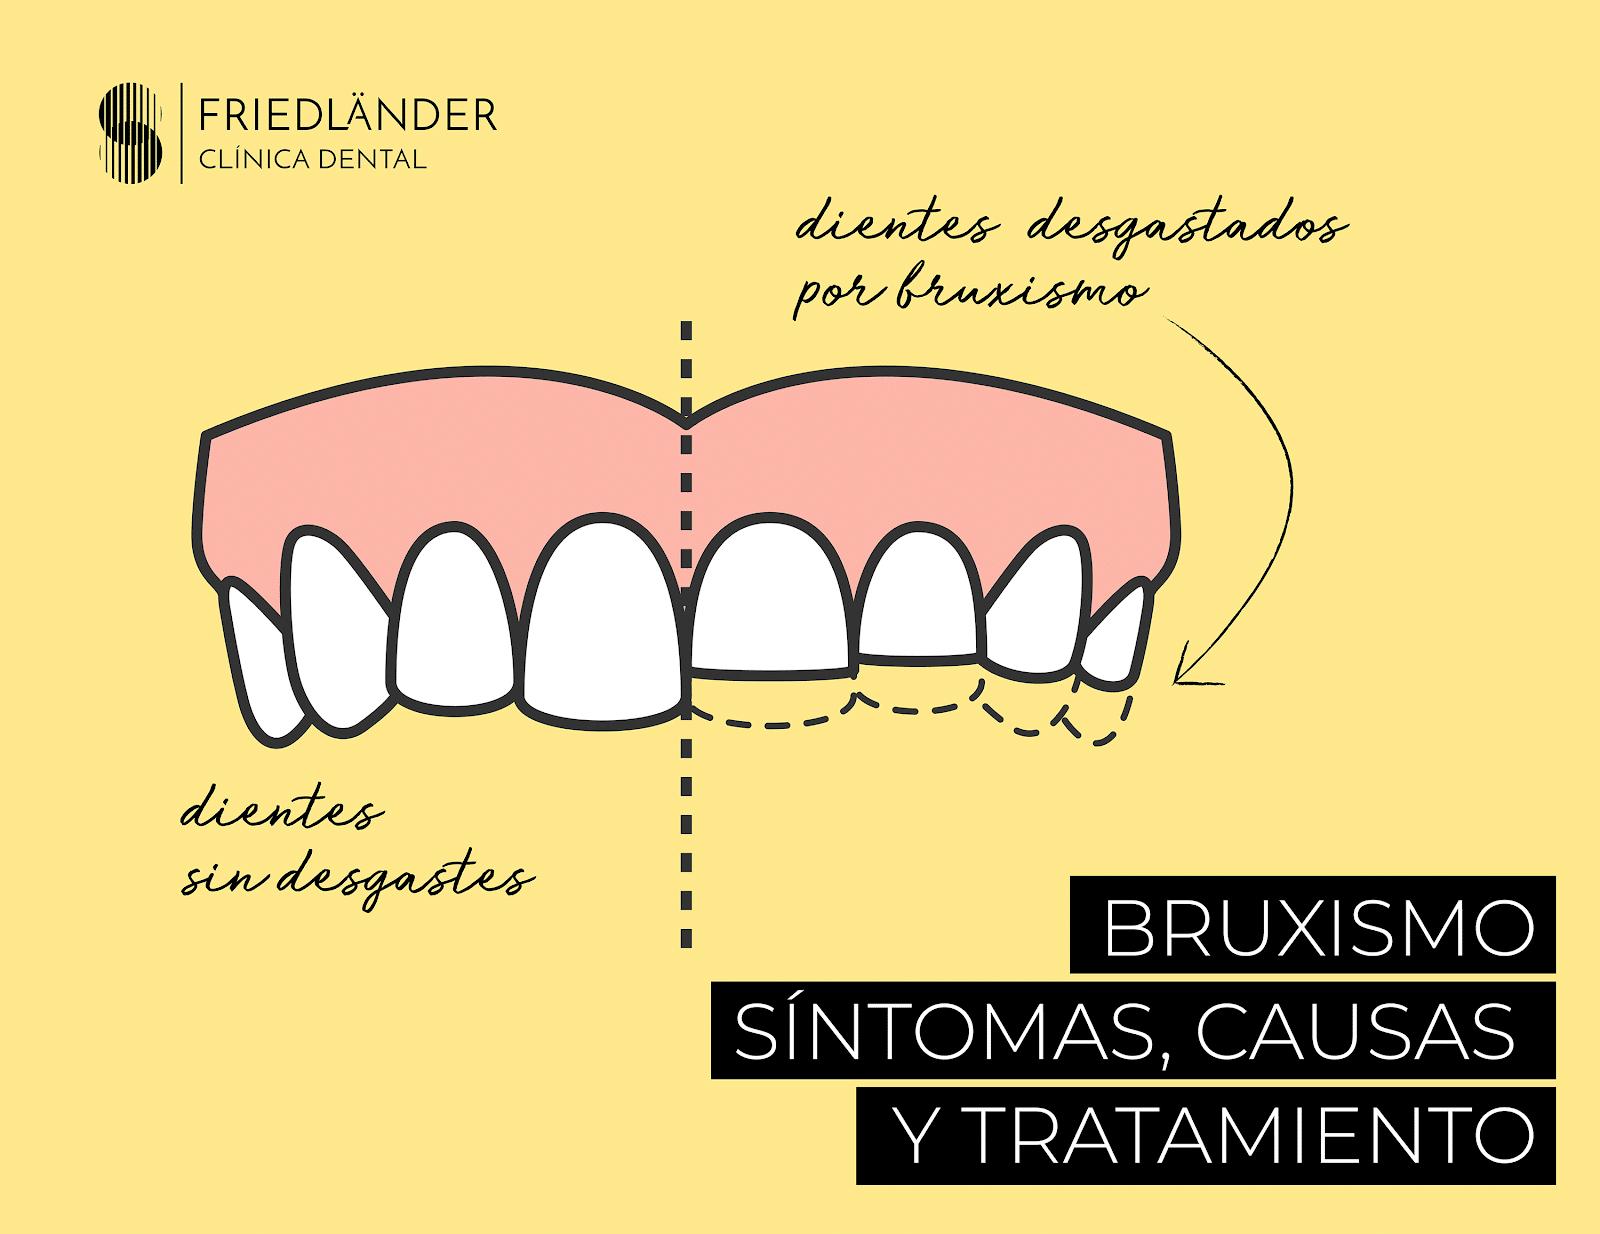 Bruxismo: Síntomas, causas y tratamiento 1